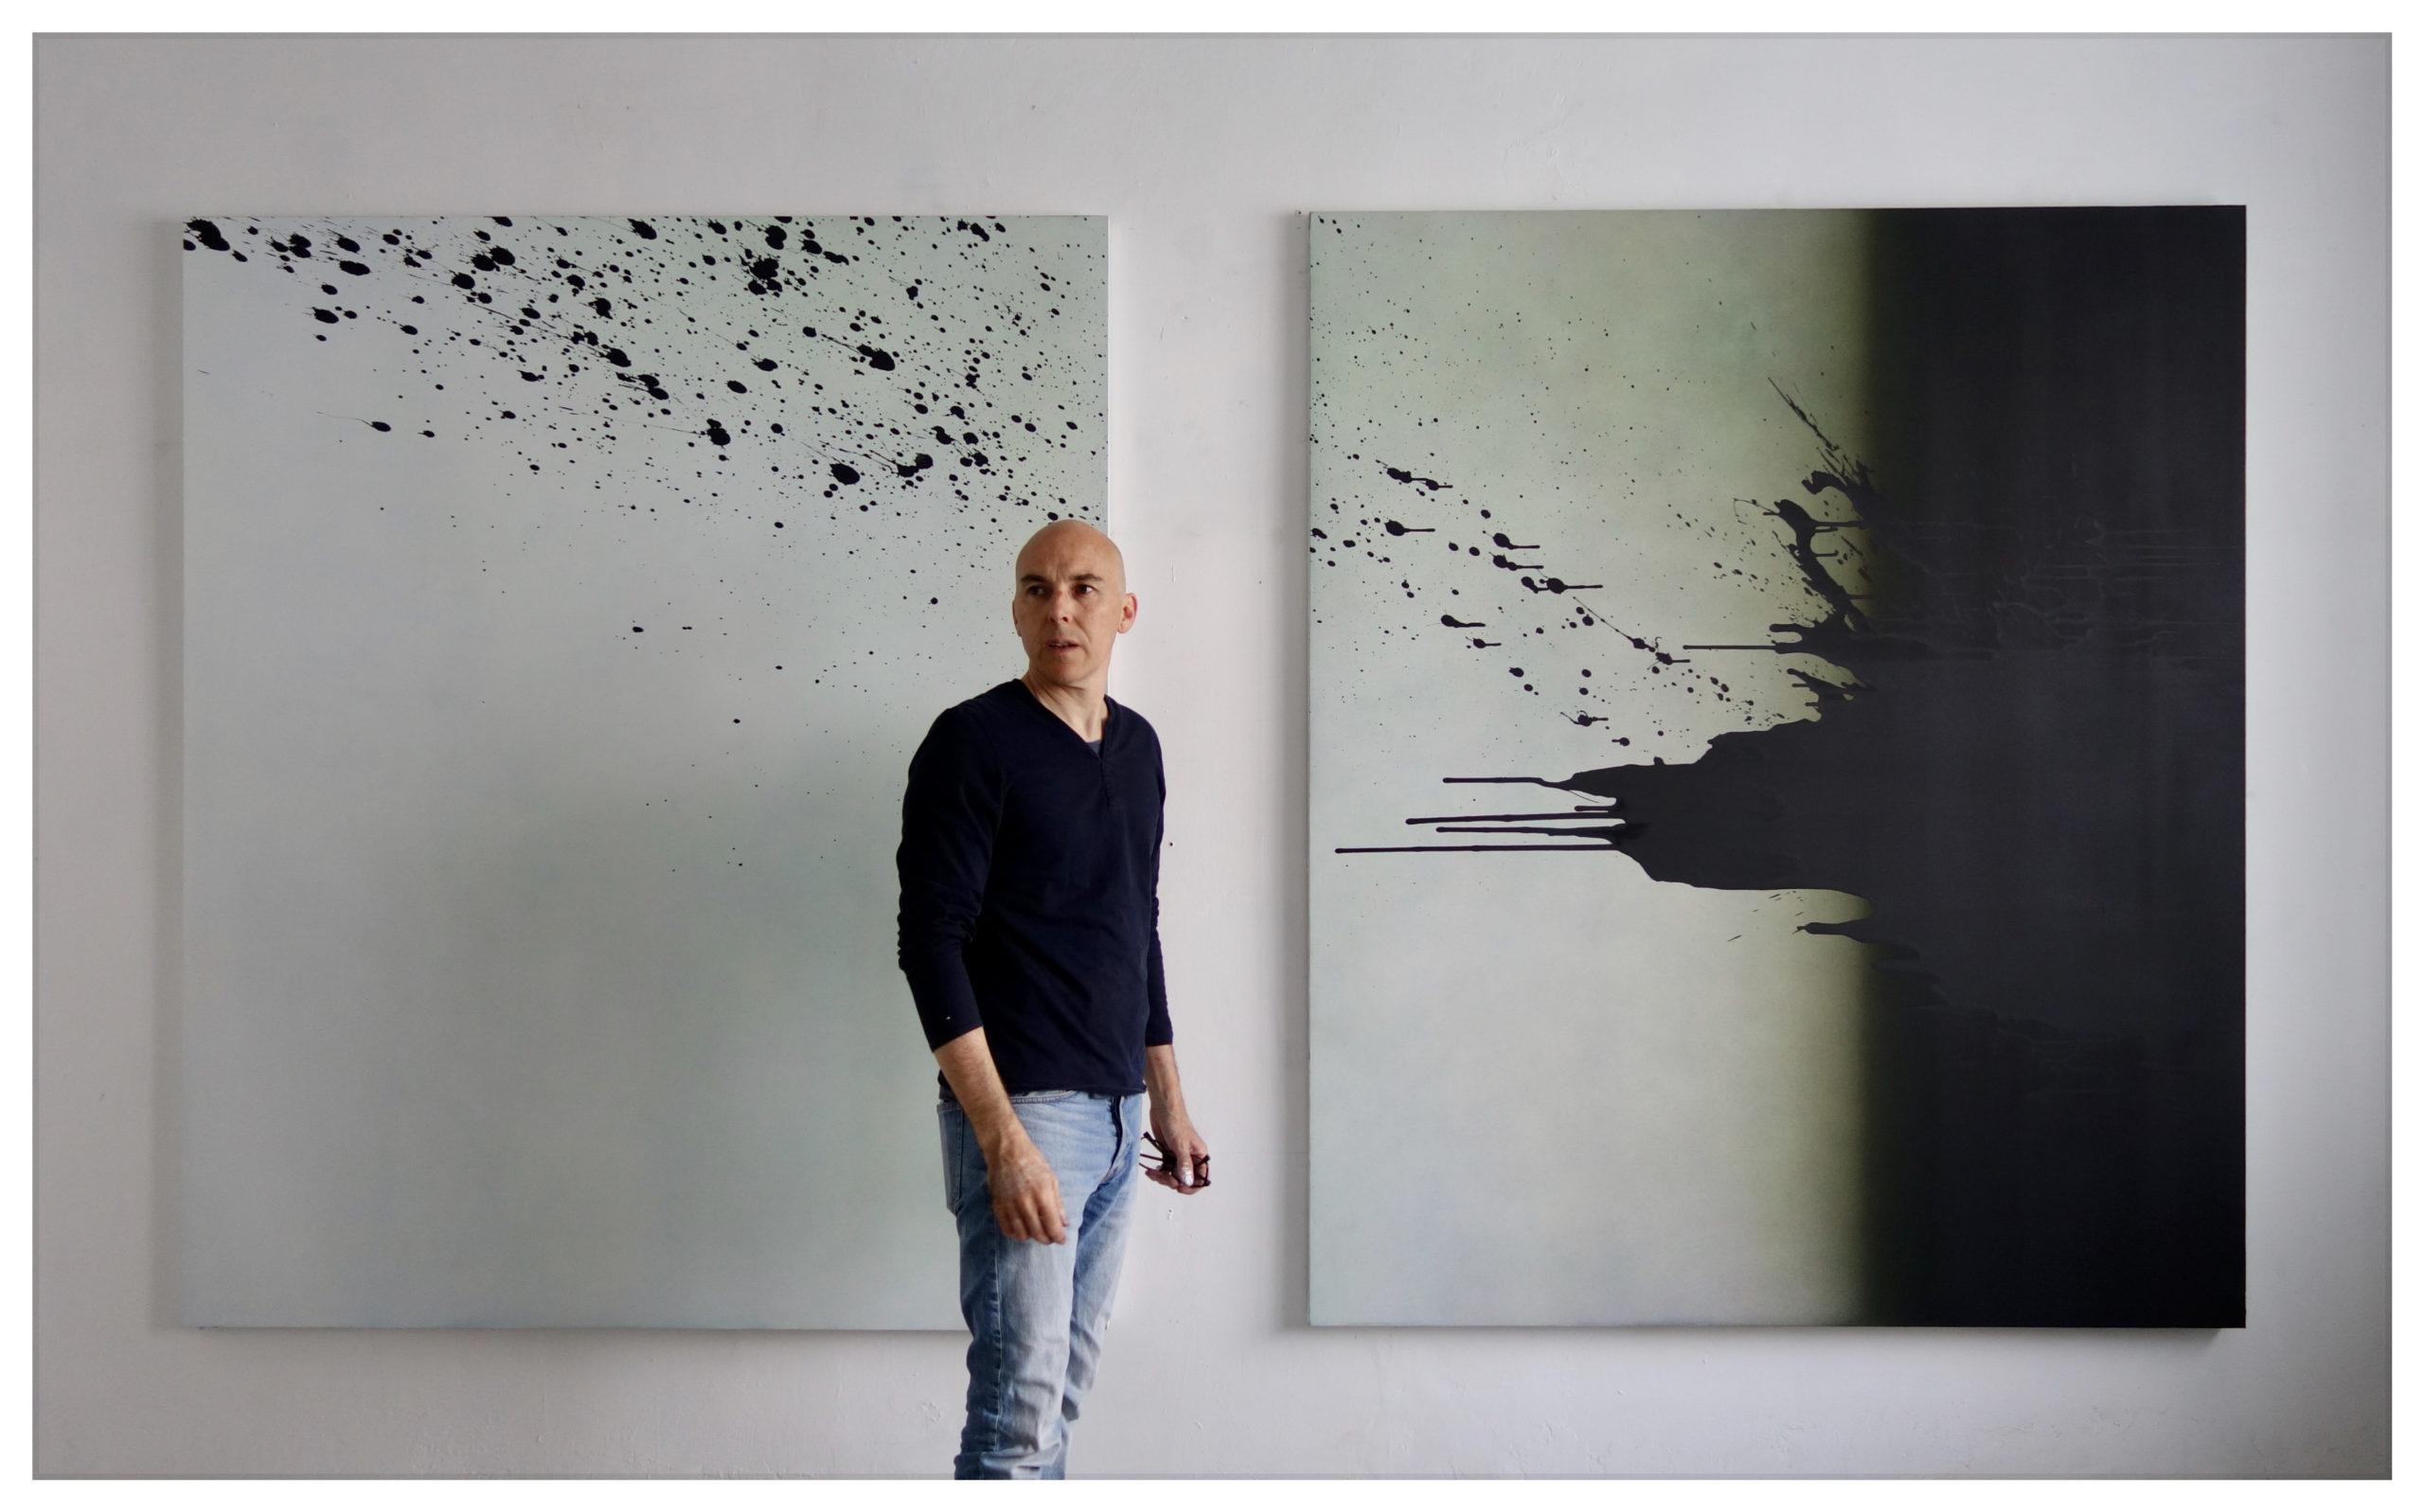 Portrait de Nicolas Delprat, devant Dynamique 3 acrylique sur toile 150 x 180 cm (x2) 2020 vue studio Bruxelles, courtesy Nicolas Delprat